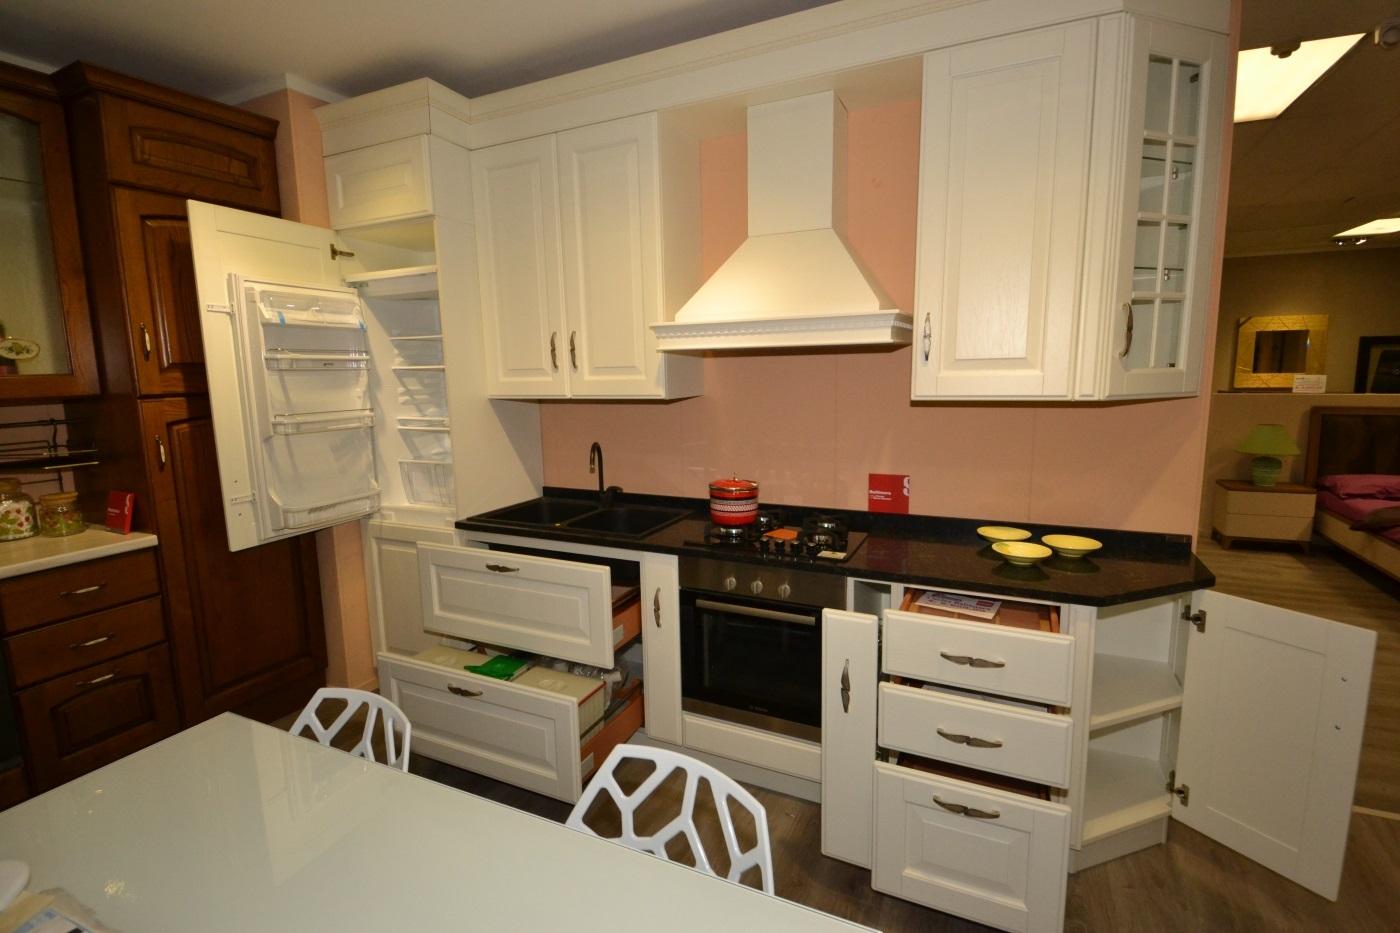 Cucina scavolini baltimora in rovere bianco cucine a prezzi scontati - Cucina scavolini baltimora ...